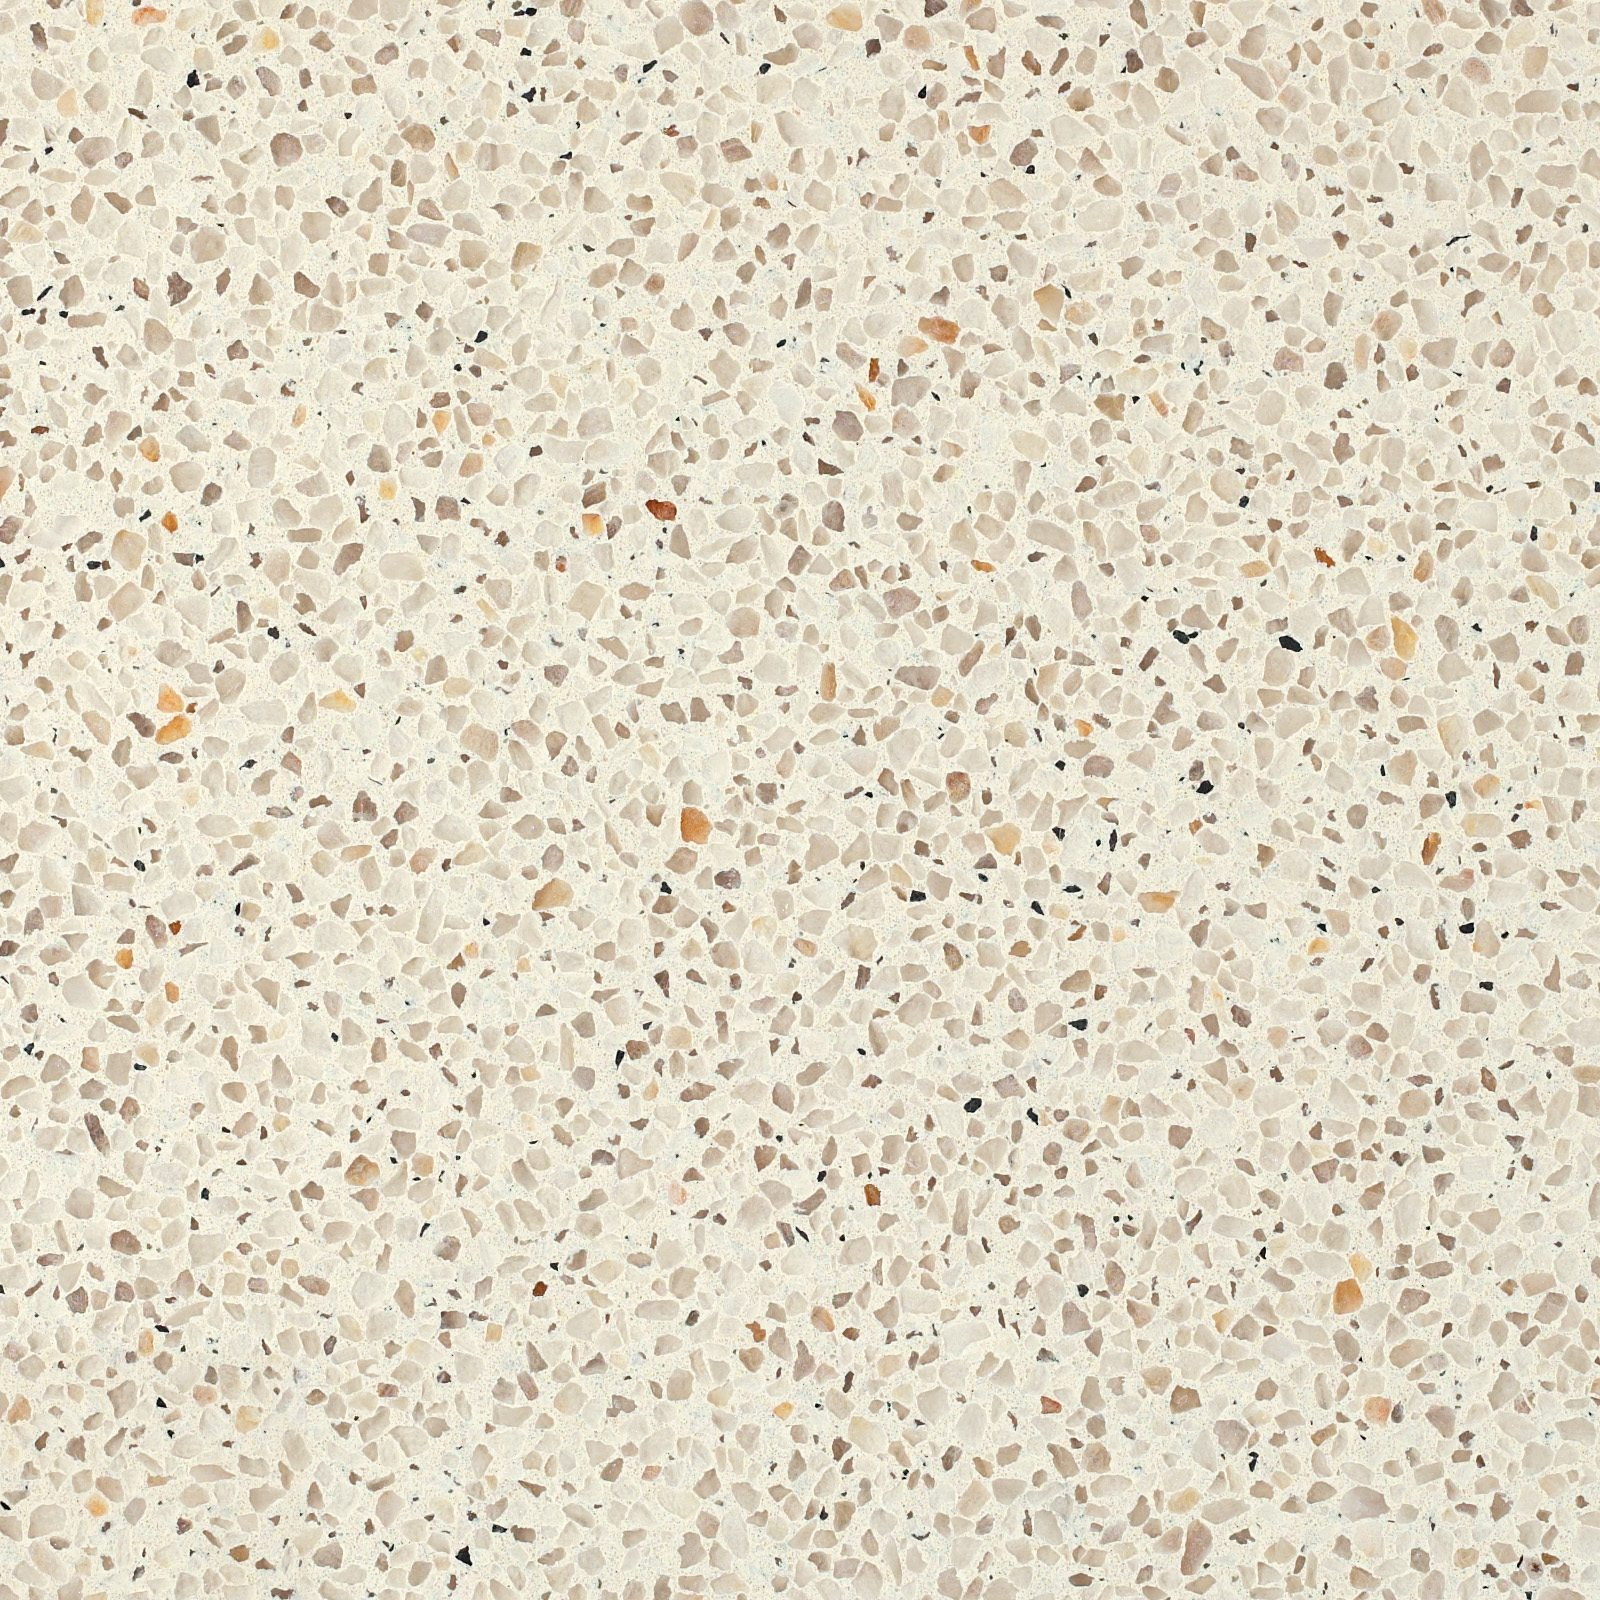 Quartz Stone Colors : Caesarstone quartz stone creek surfaces